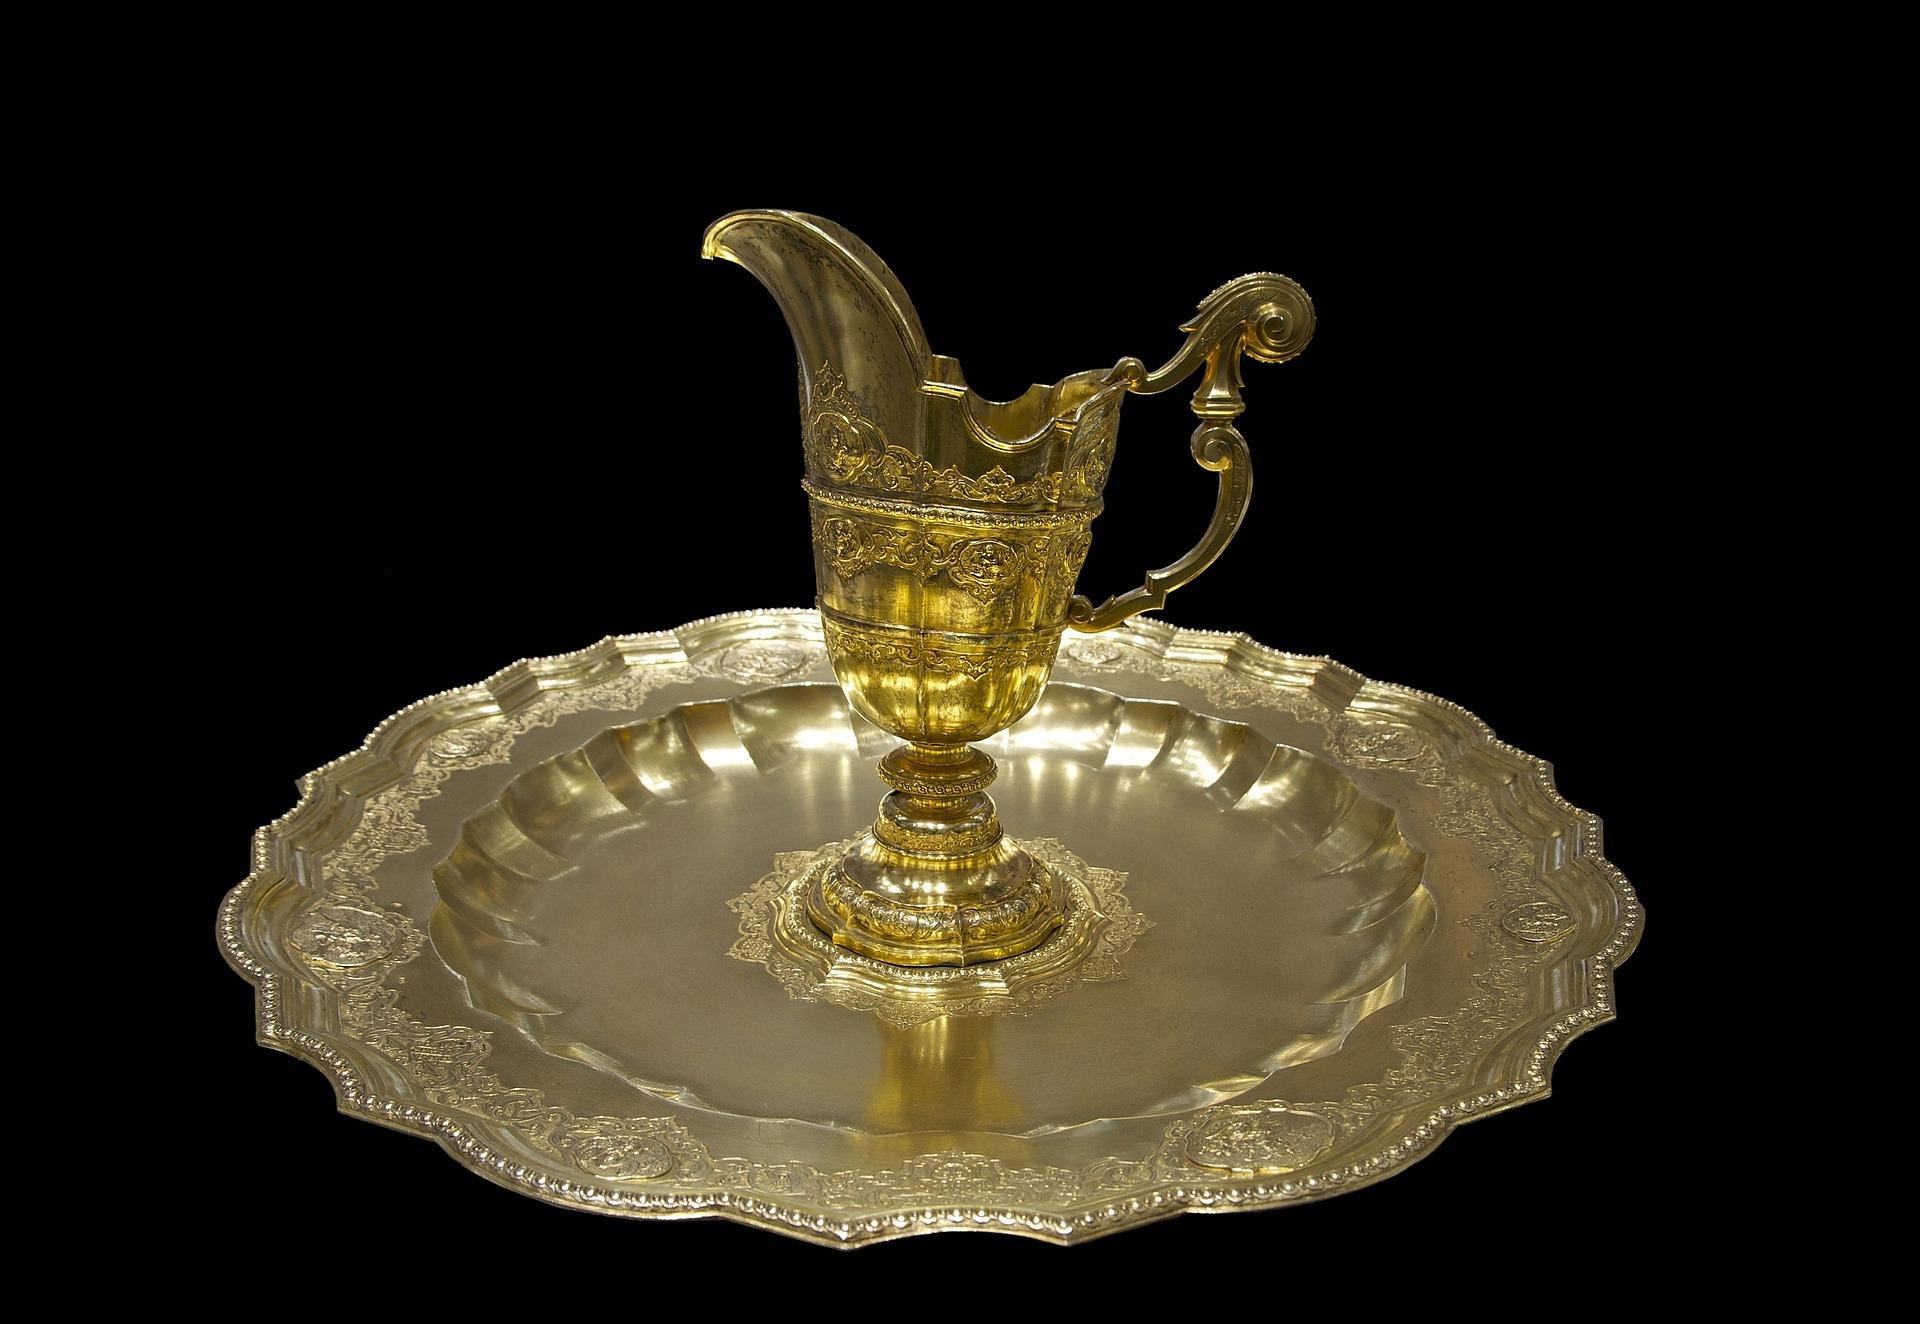 Посуда императорского стола. Серебряная коллекция, Хофбург